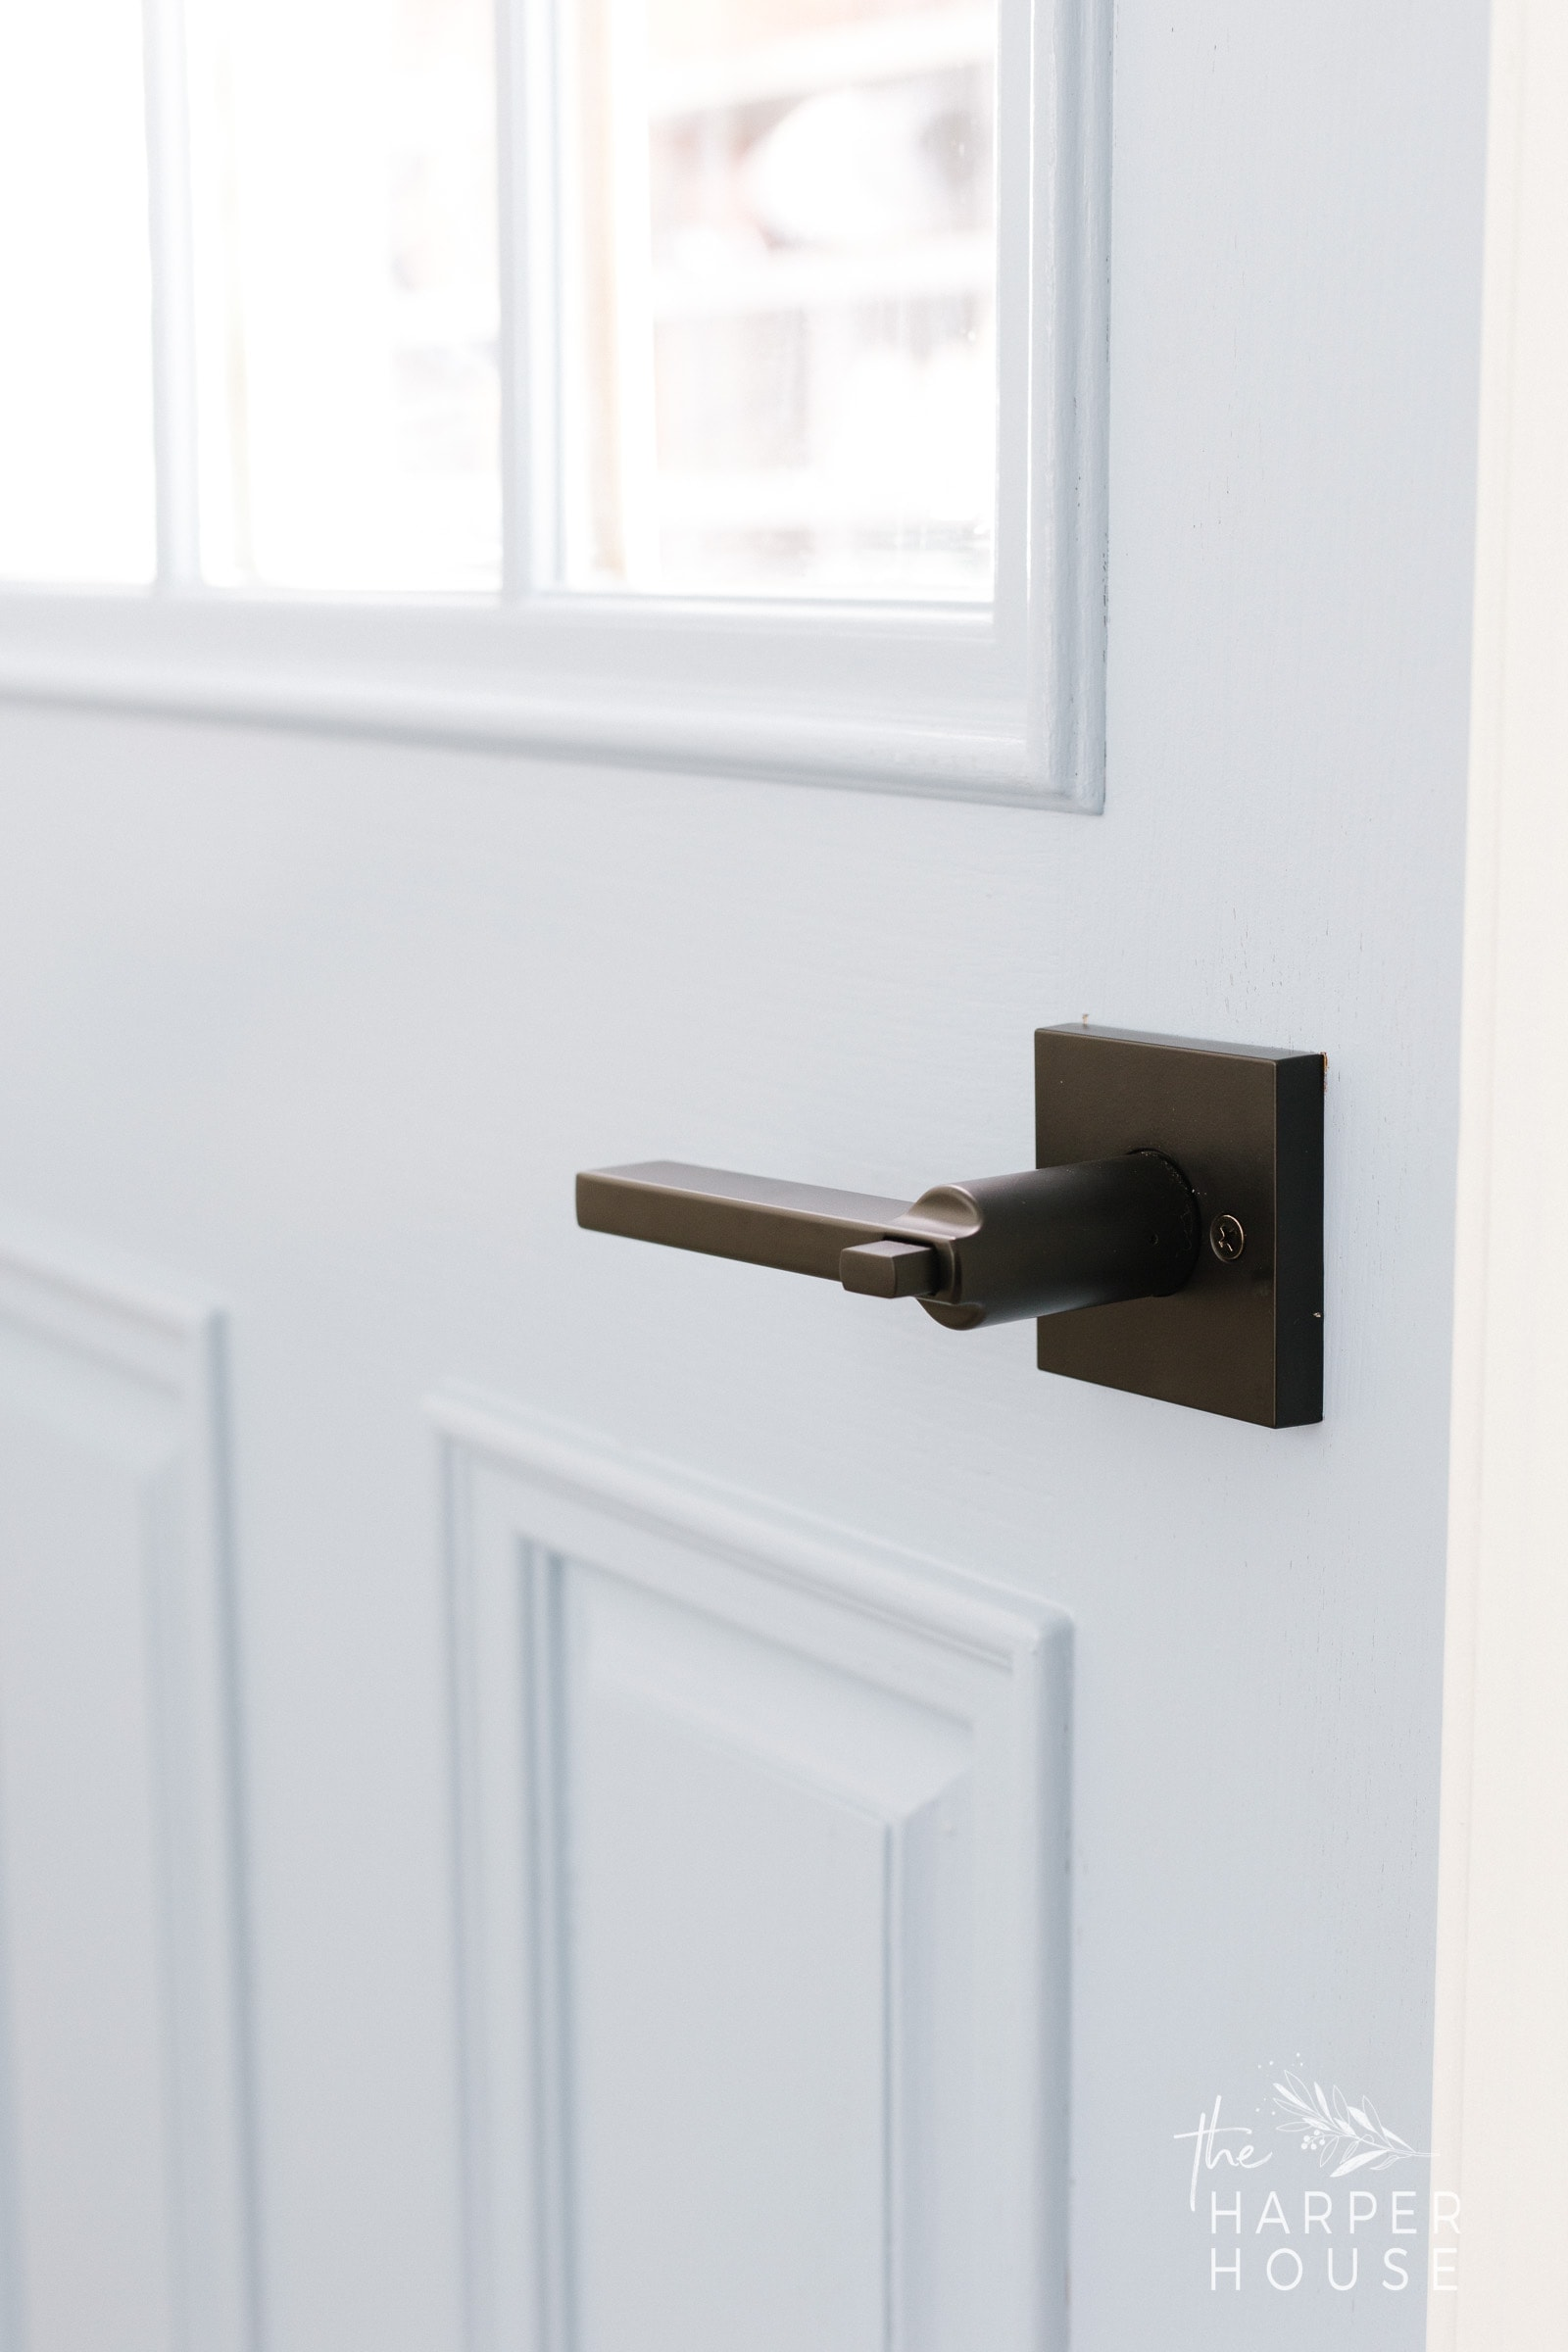 matte black lever style door knob